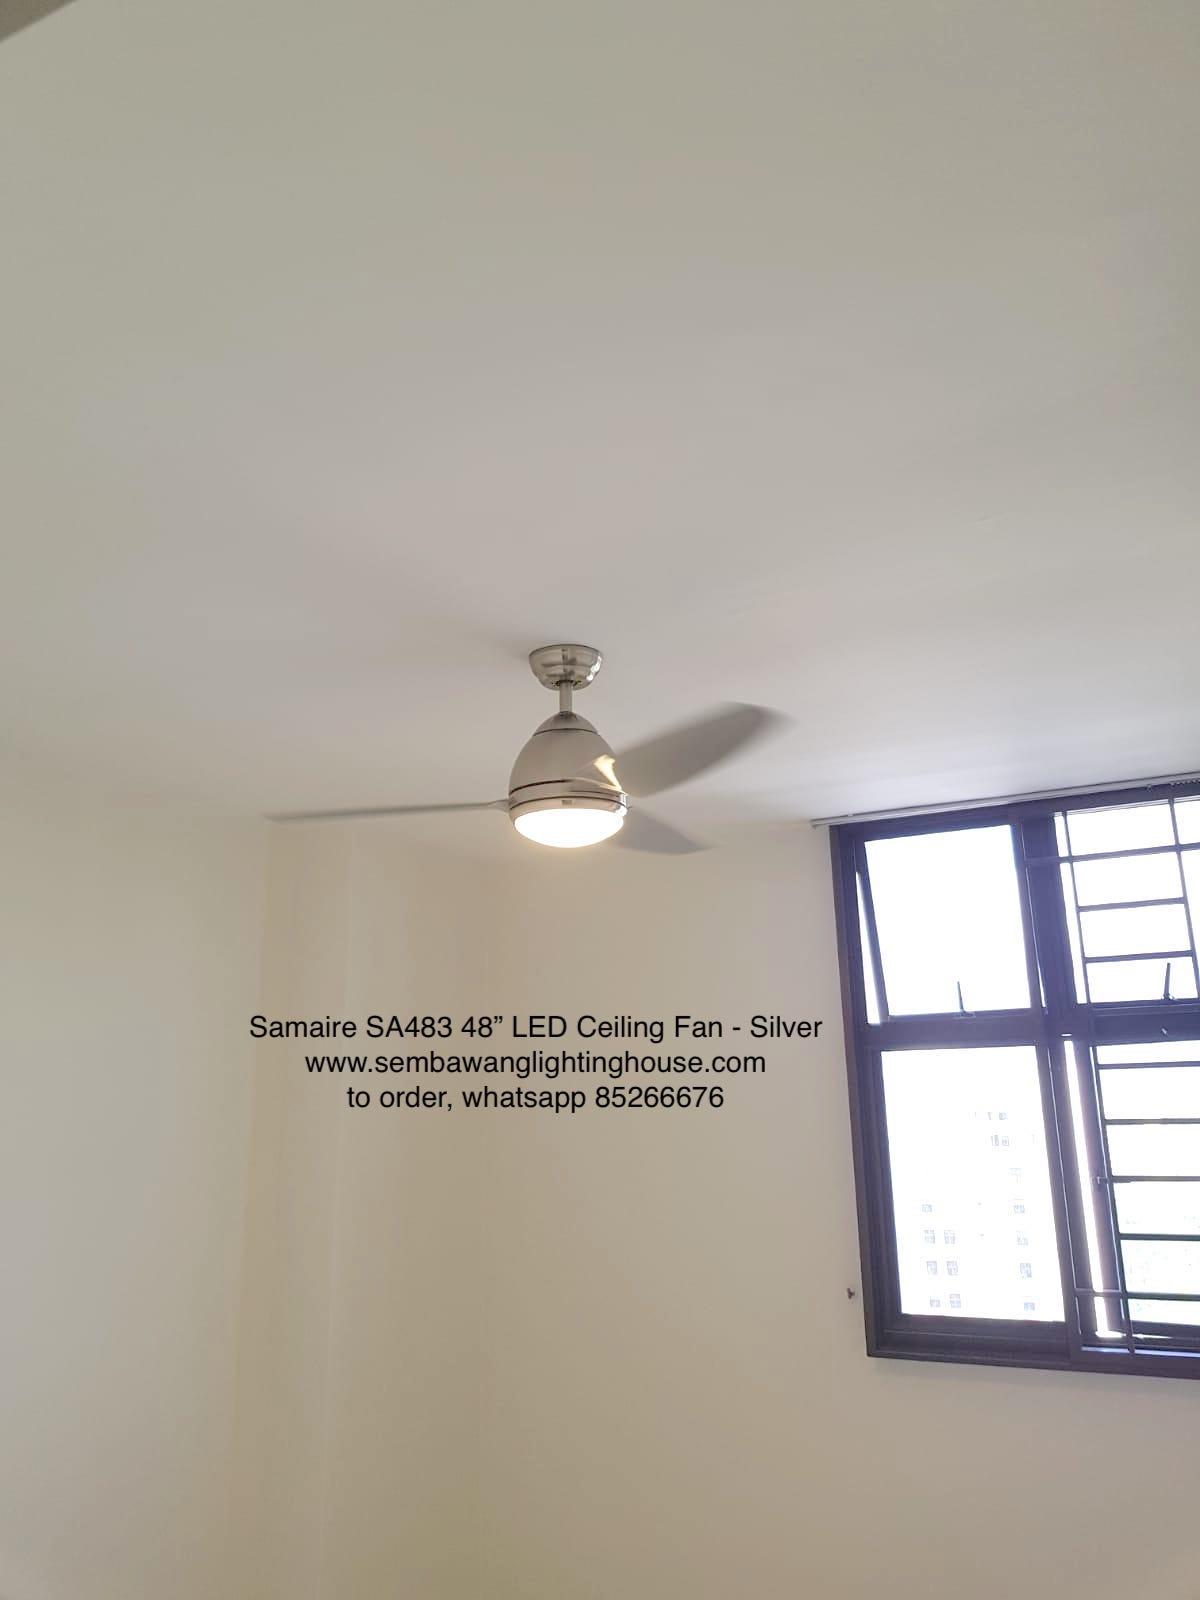 sample05-samaire-sa483-led-ceiling-fan-silver-sembawang-lighting-house.jpg